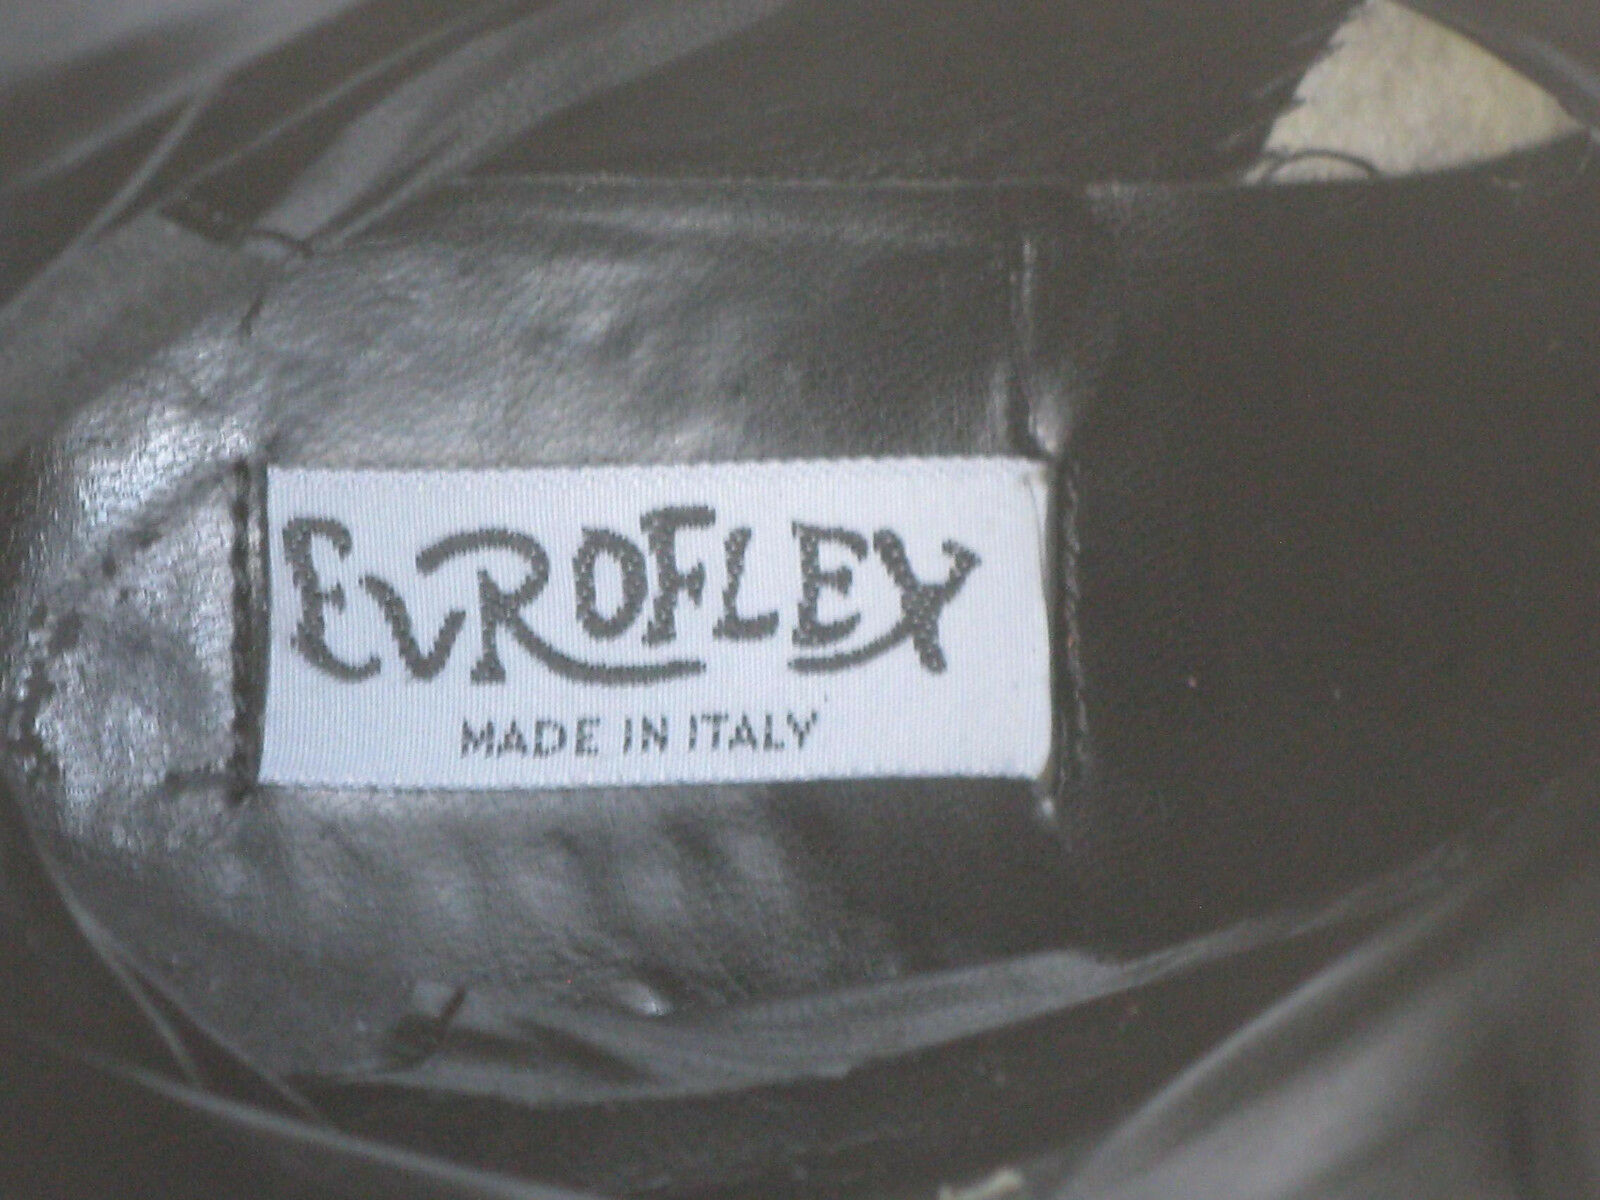 Euroflex Damen Italienisches Leder Reitstiefel Passform Sz 5.5 Hoch Schlanke Passform Reitstiefel b274c8